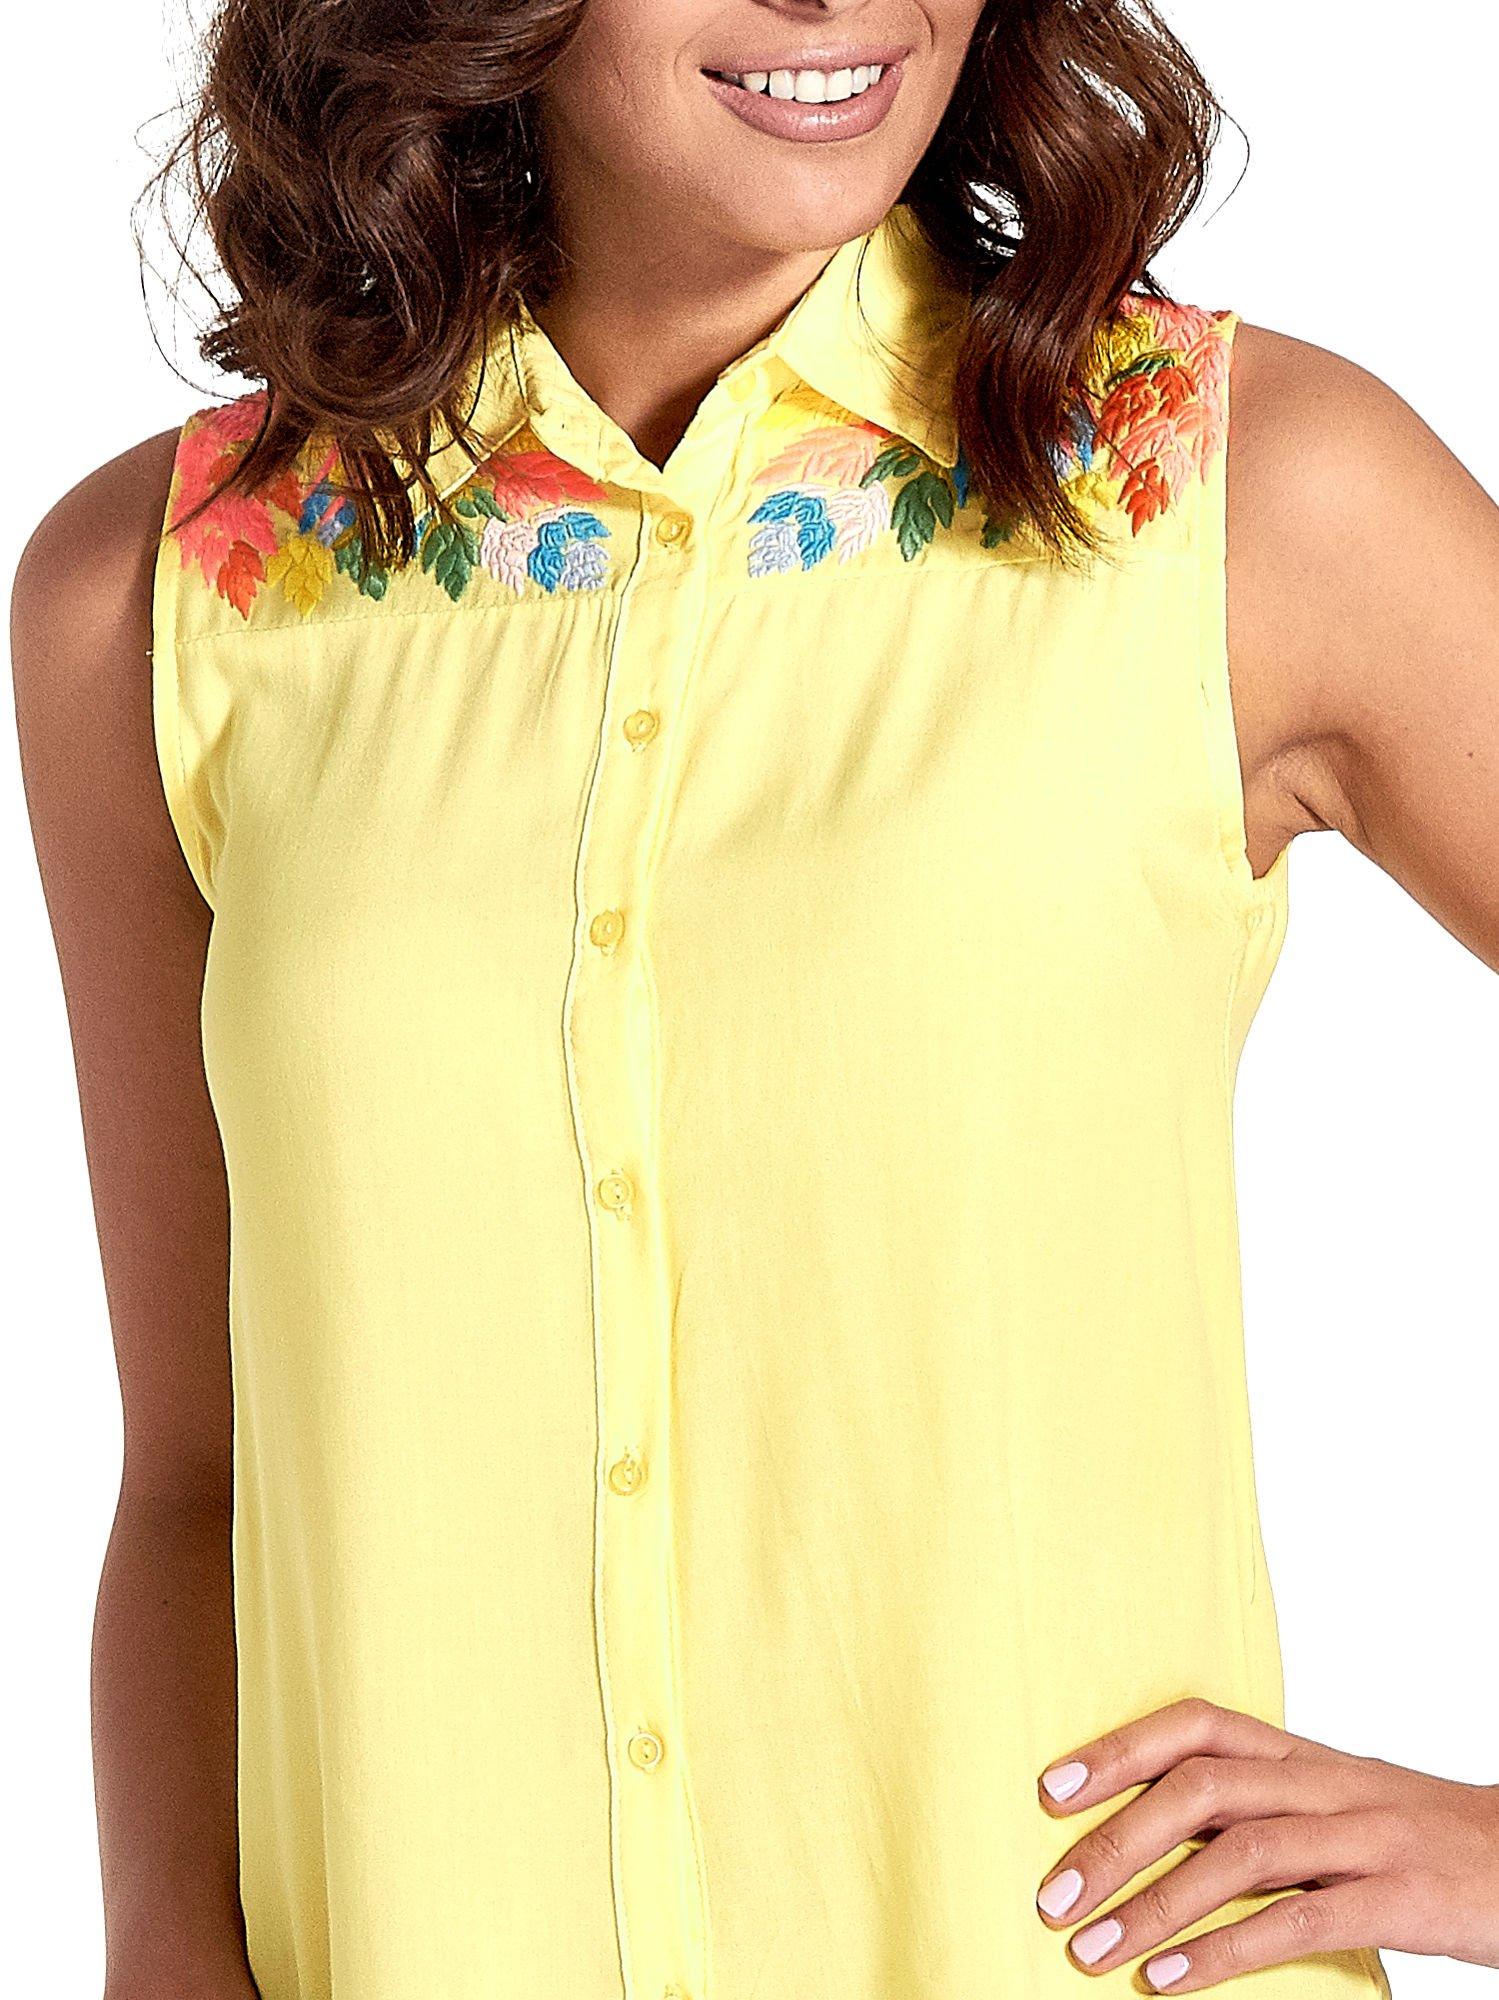 Żółta koszula bez rękawów z roślinnym haftem na górze                                  zdj.                                  5